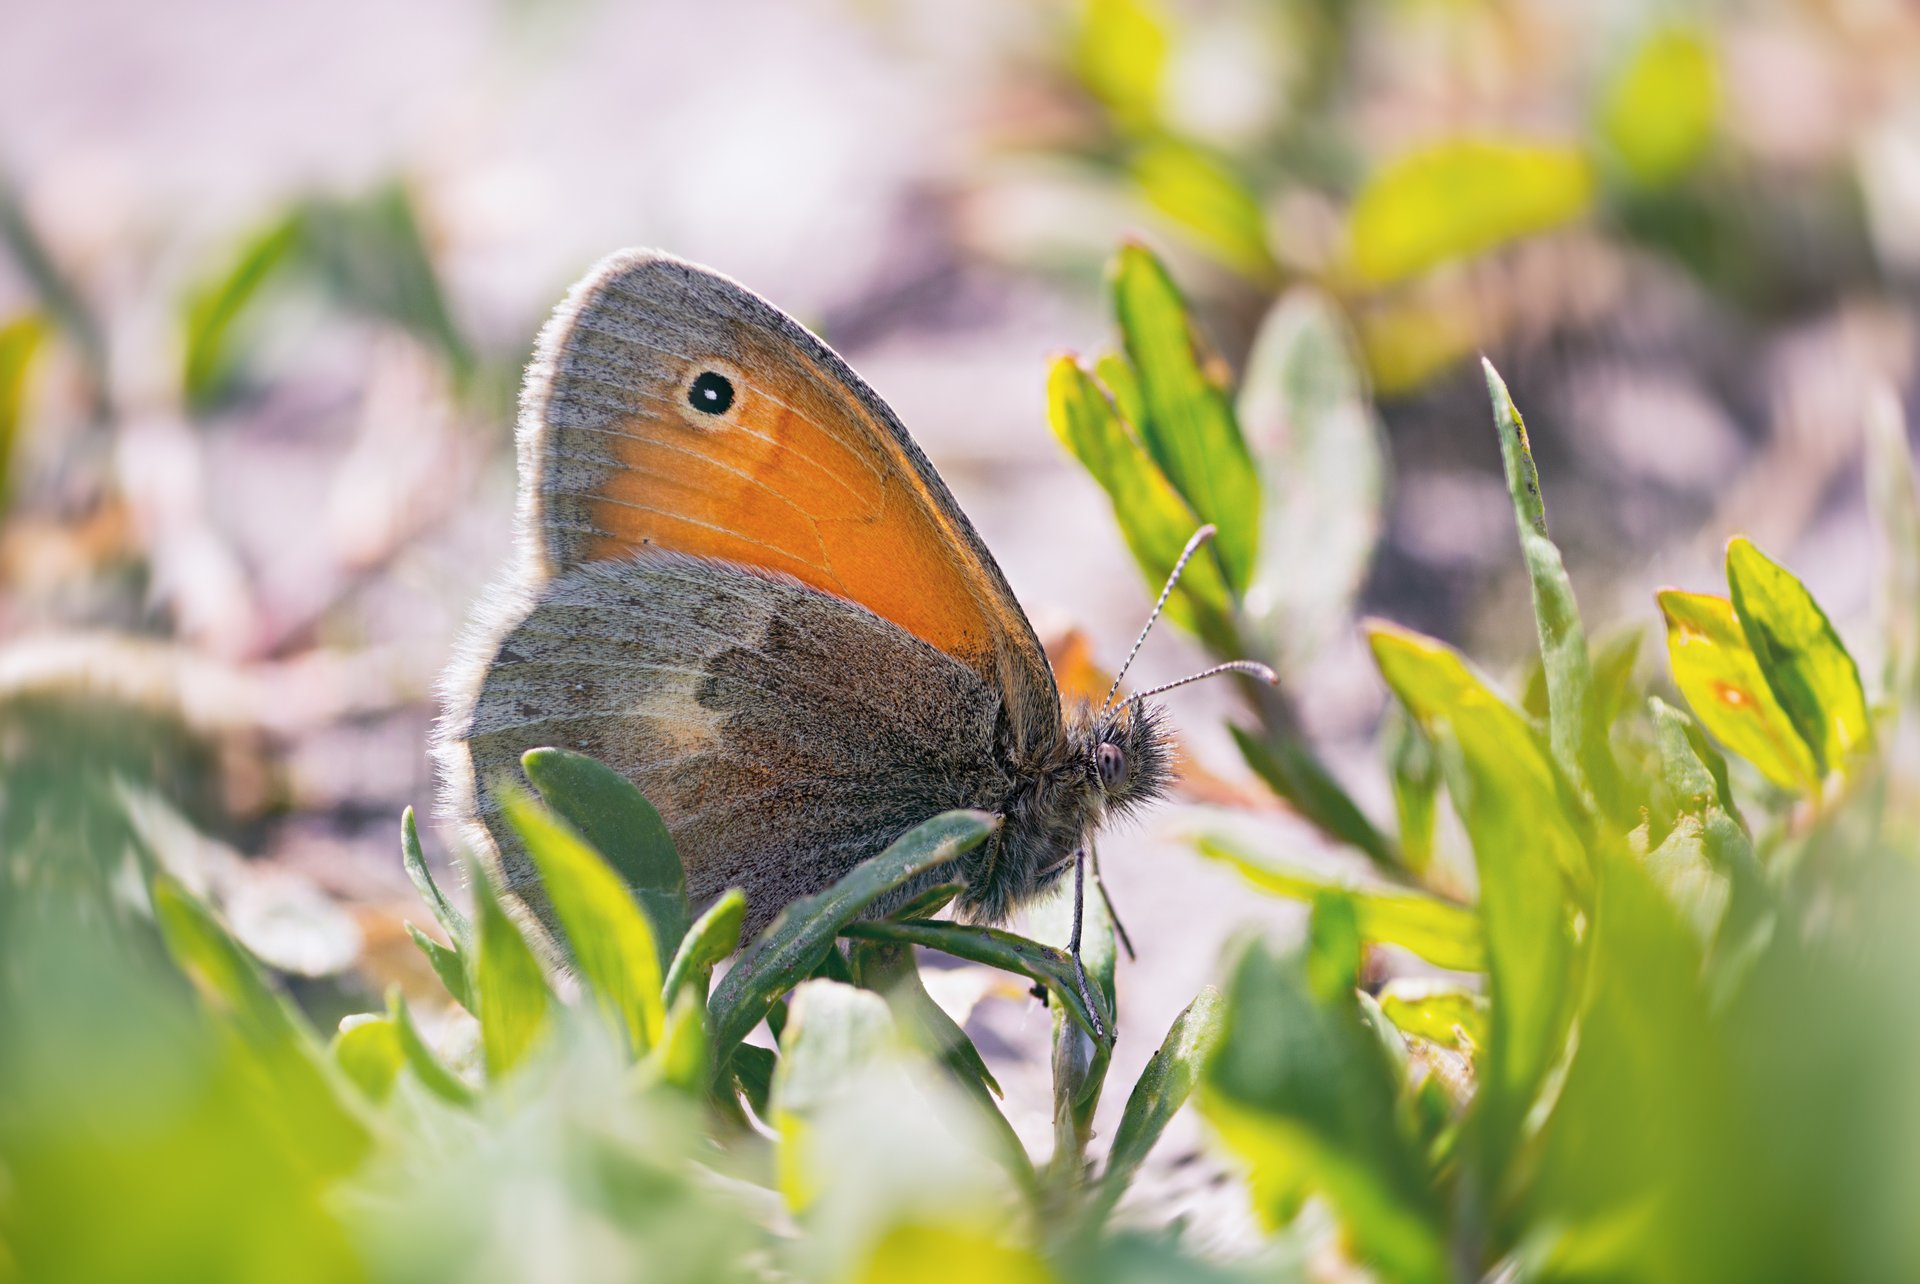 бабочка,ветка,цвет,красный,желтый,крылья, Котов Юрий